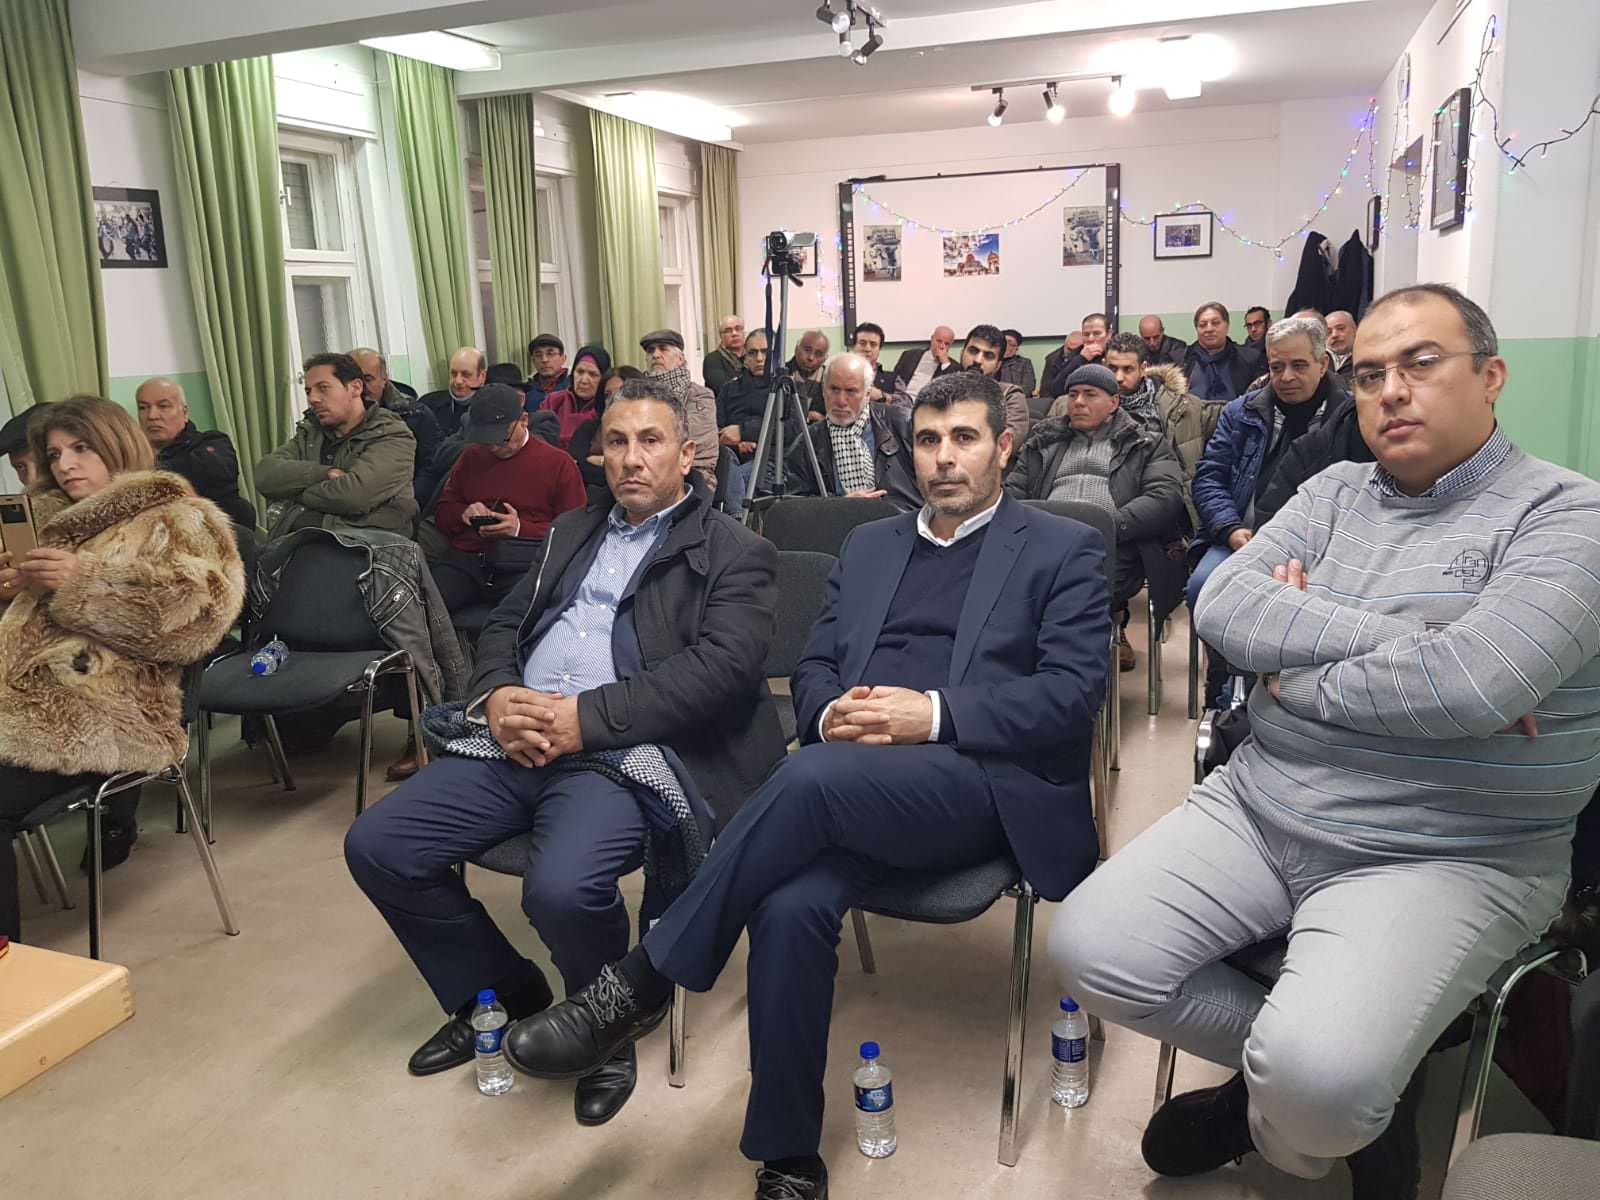 ندوة المجلس الفلسطيني المركزي في المانيا بعنوان القدس بين الحاضر والماضي